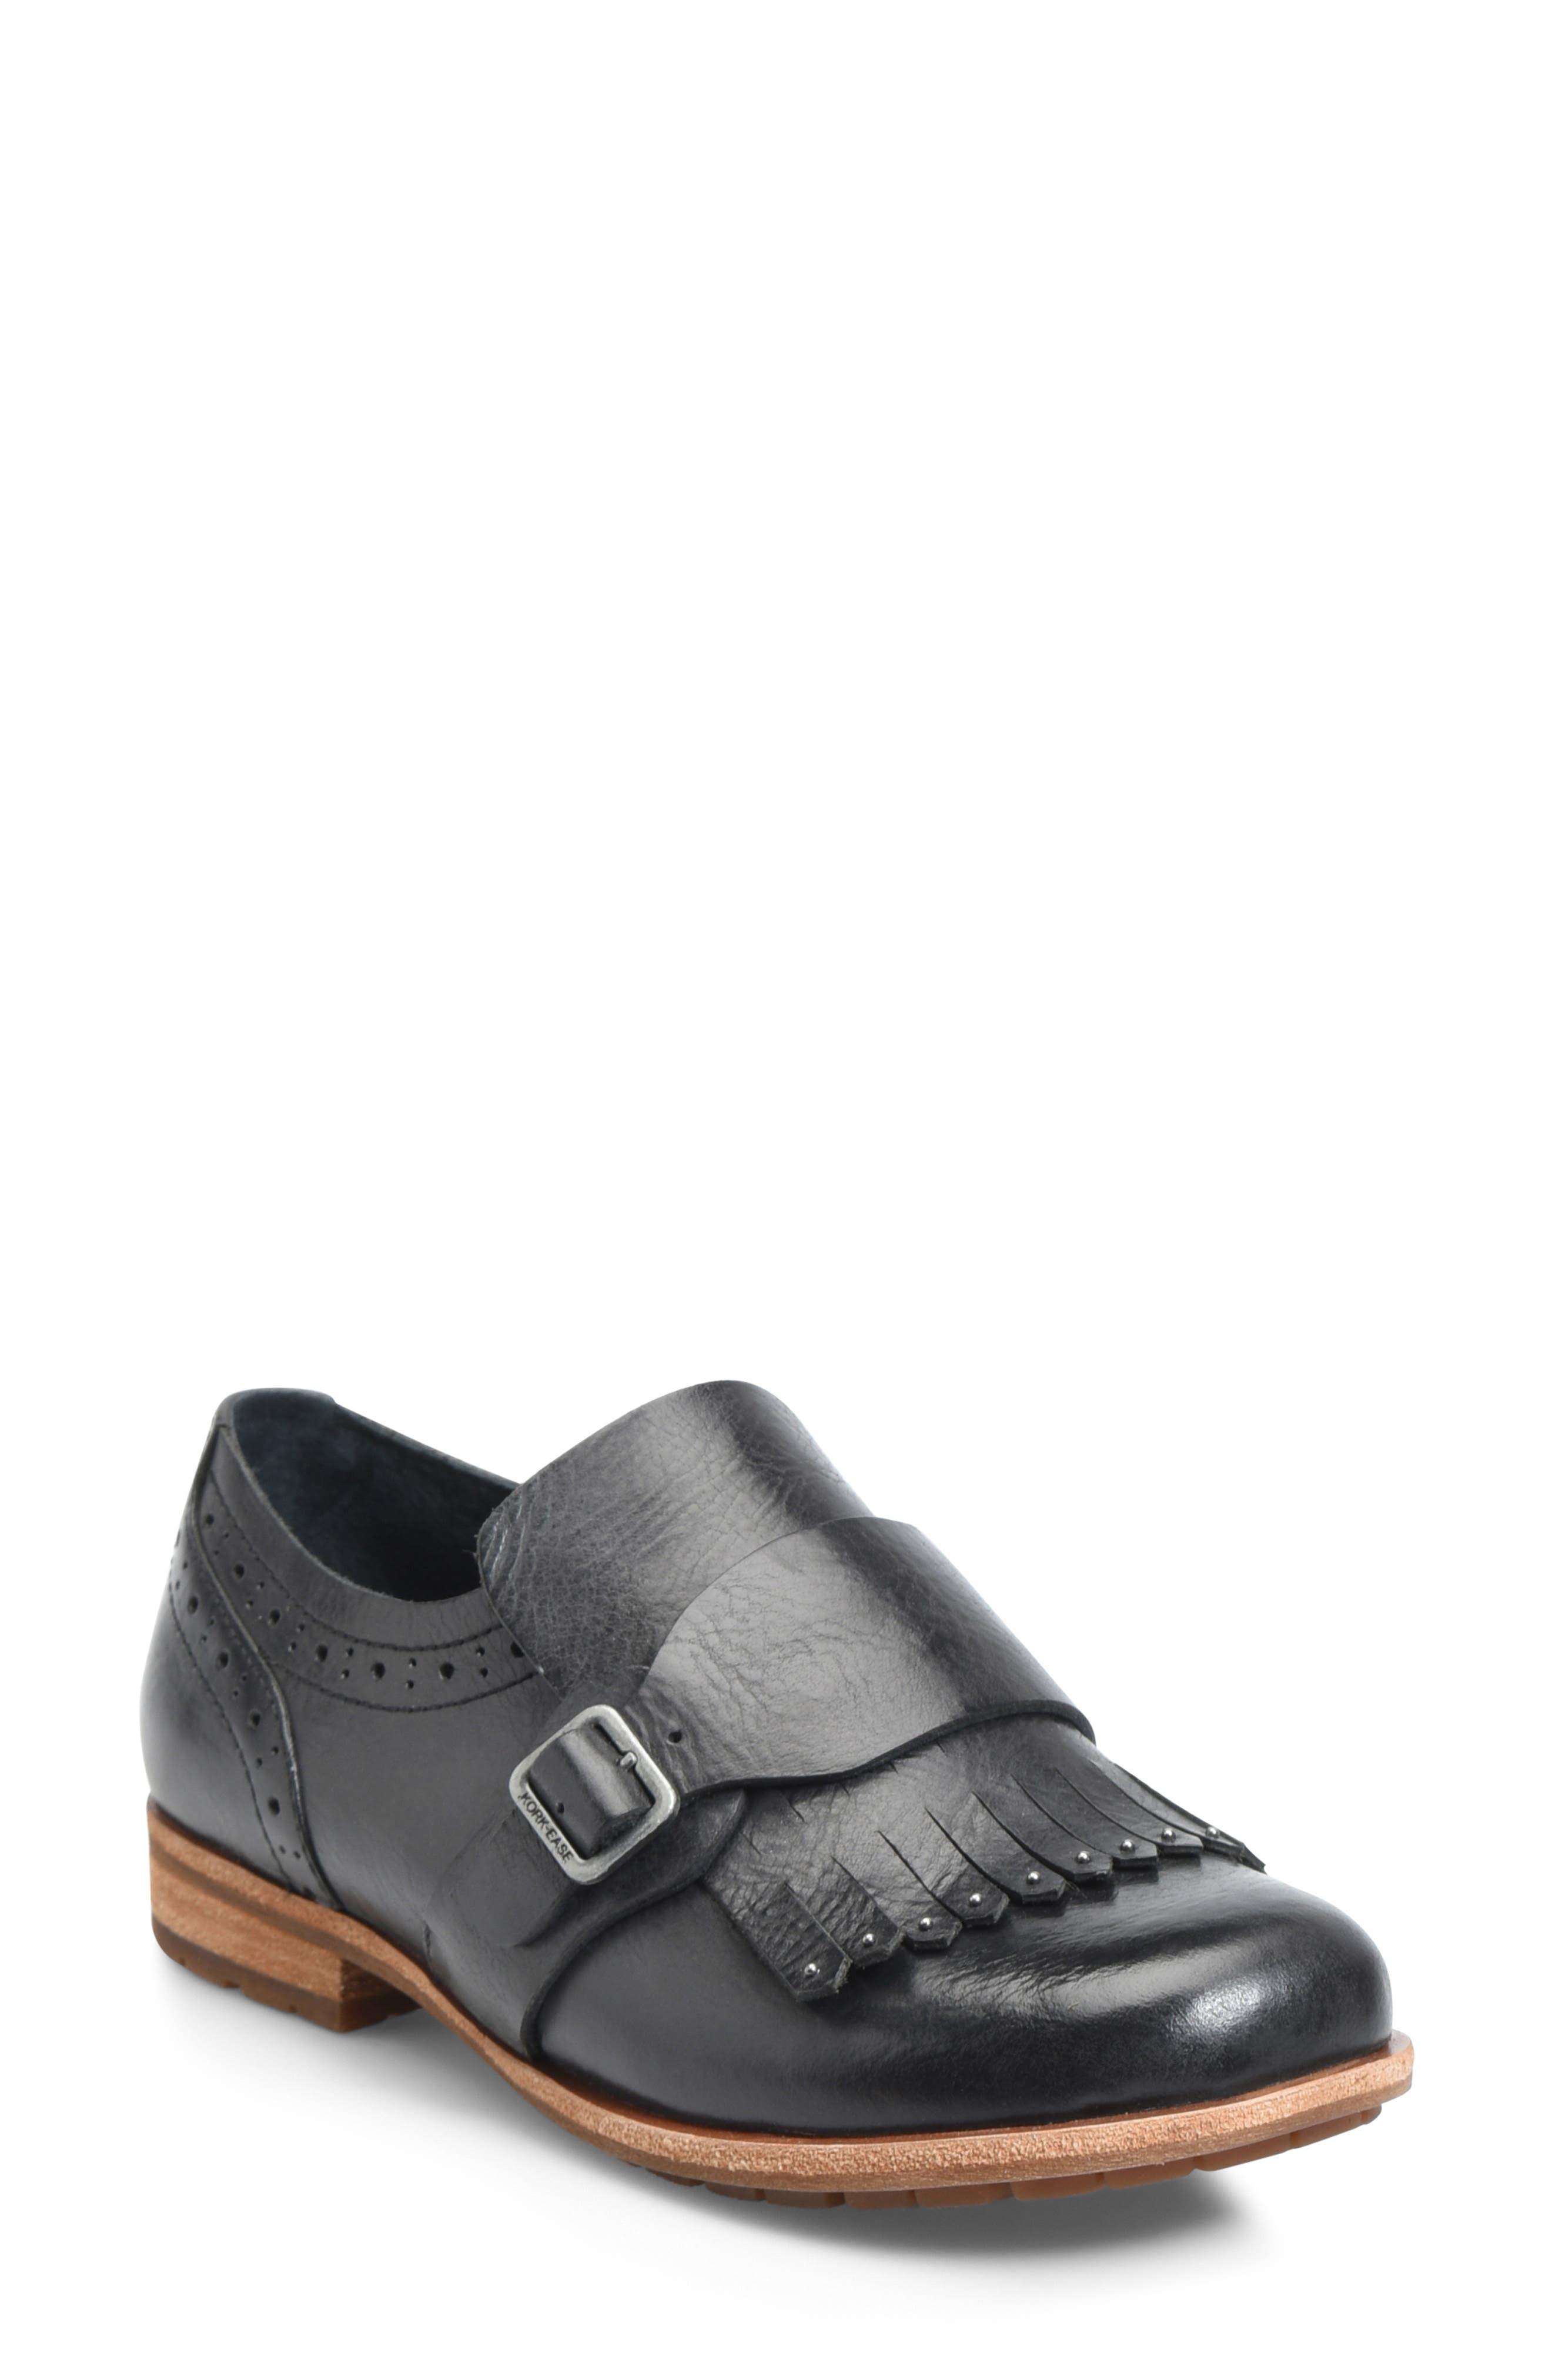 Kork-Ease Bailee Kiltie Monk Strap Shoe, Black